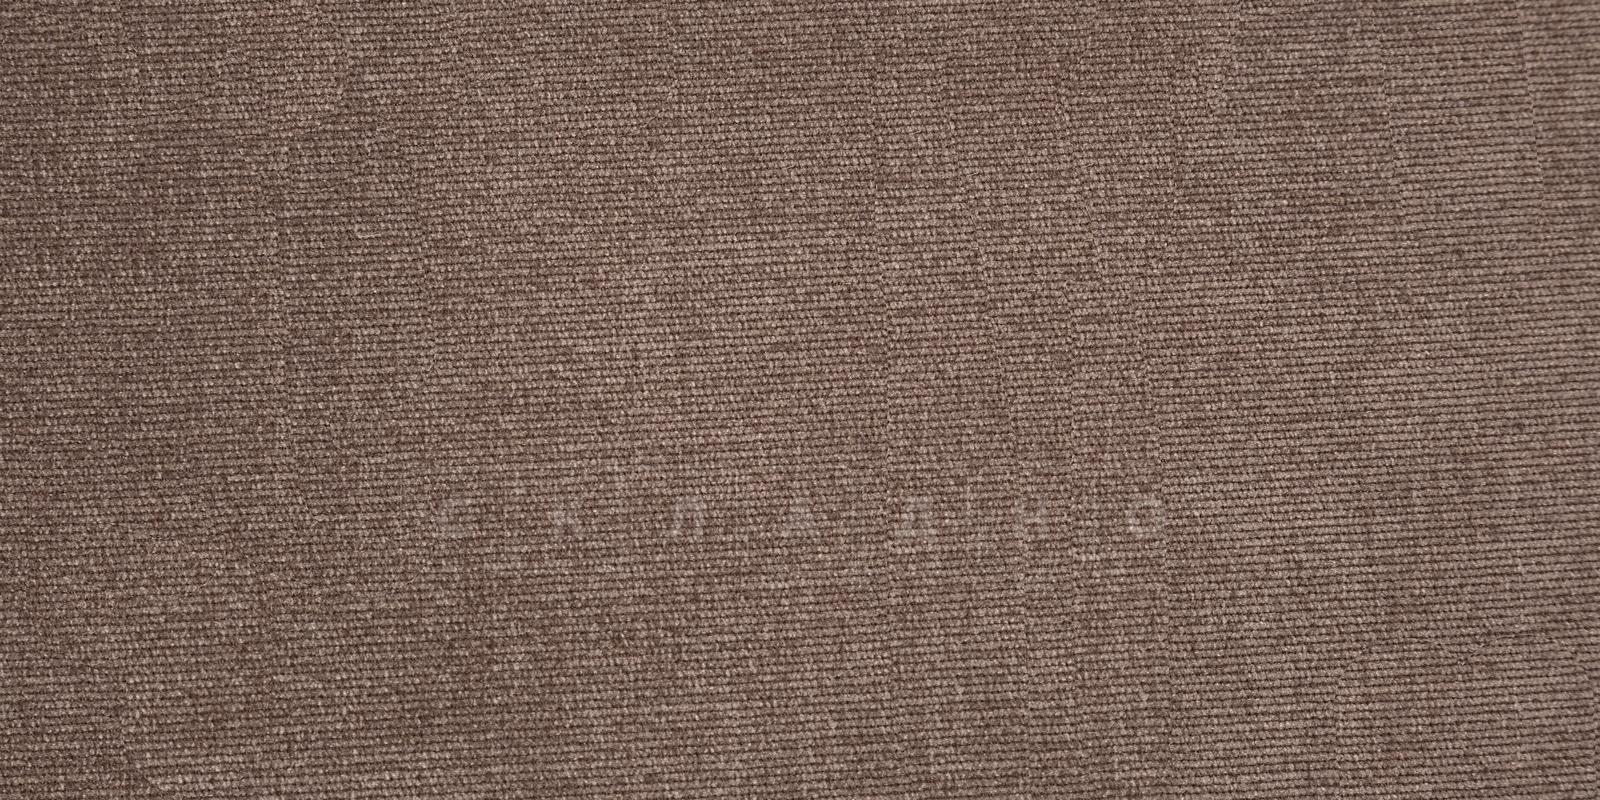 Диван Майами светло-коричневый фото 6 | интернет-магазин Складно